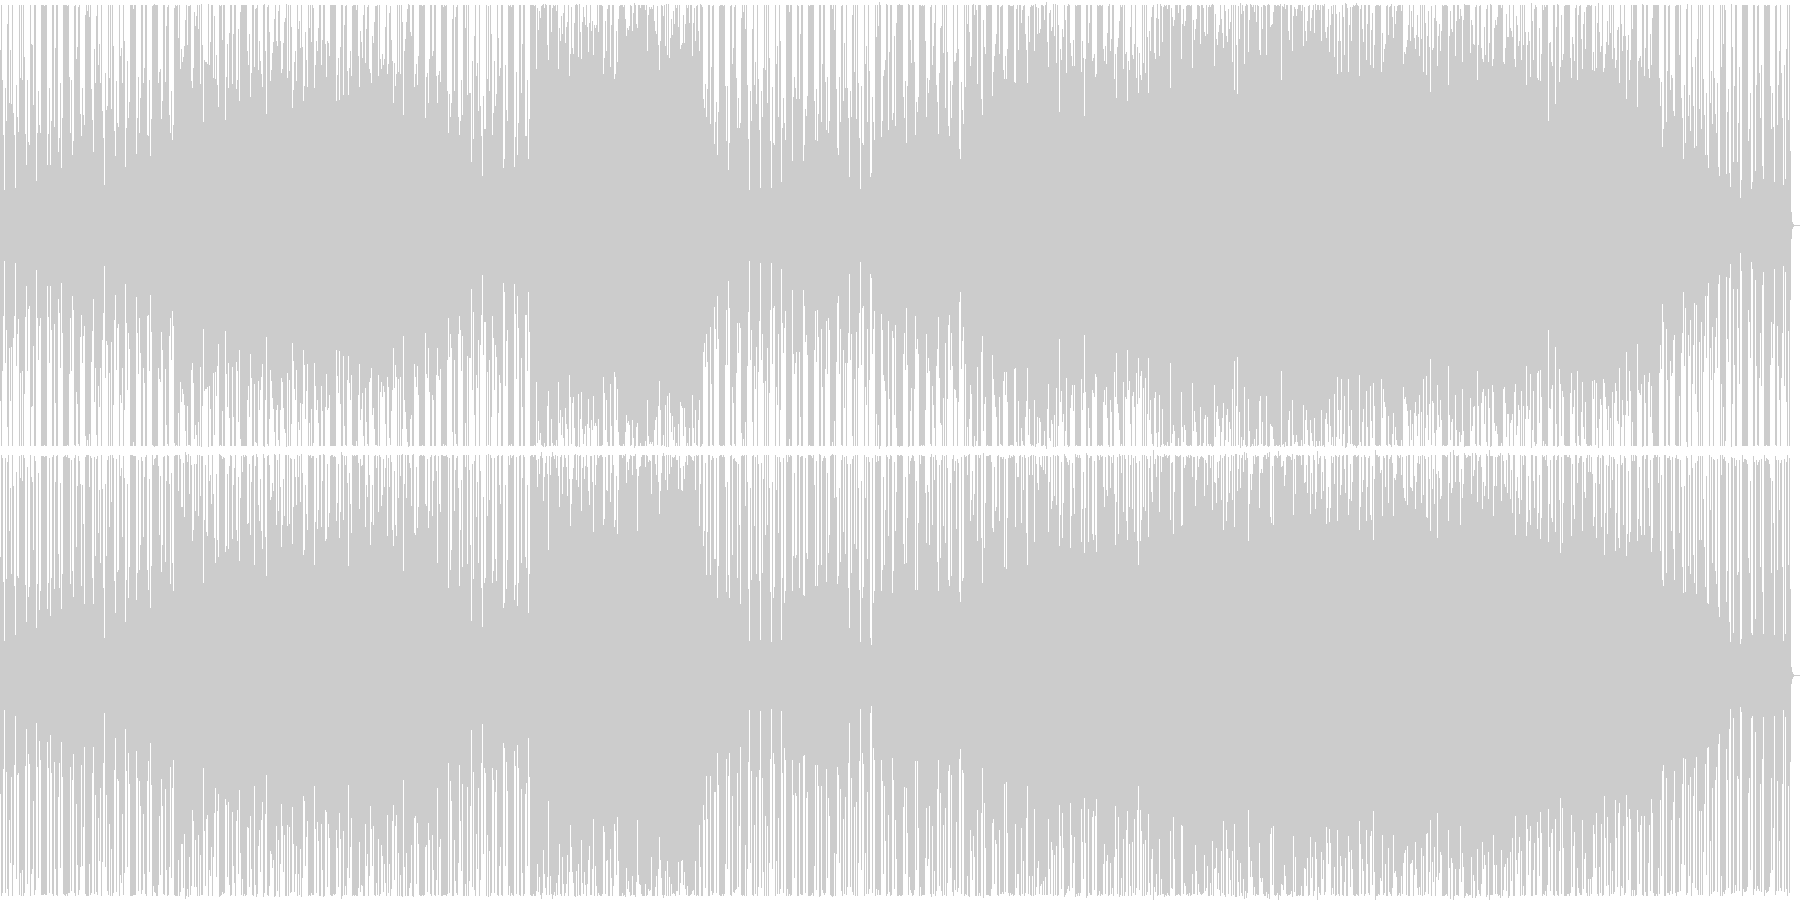 【歌】シンセが印象的女性ボーカルポップスの未再生の波形